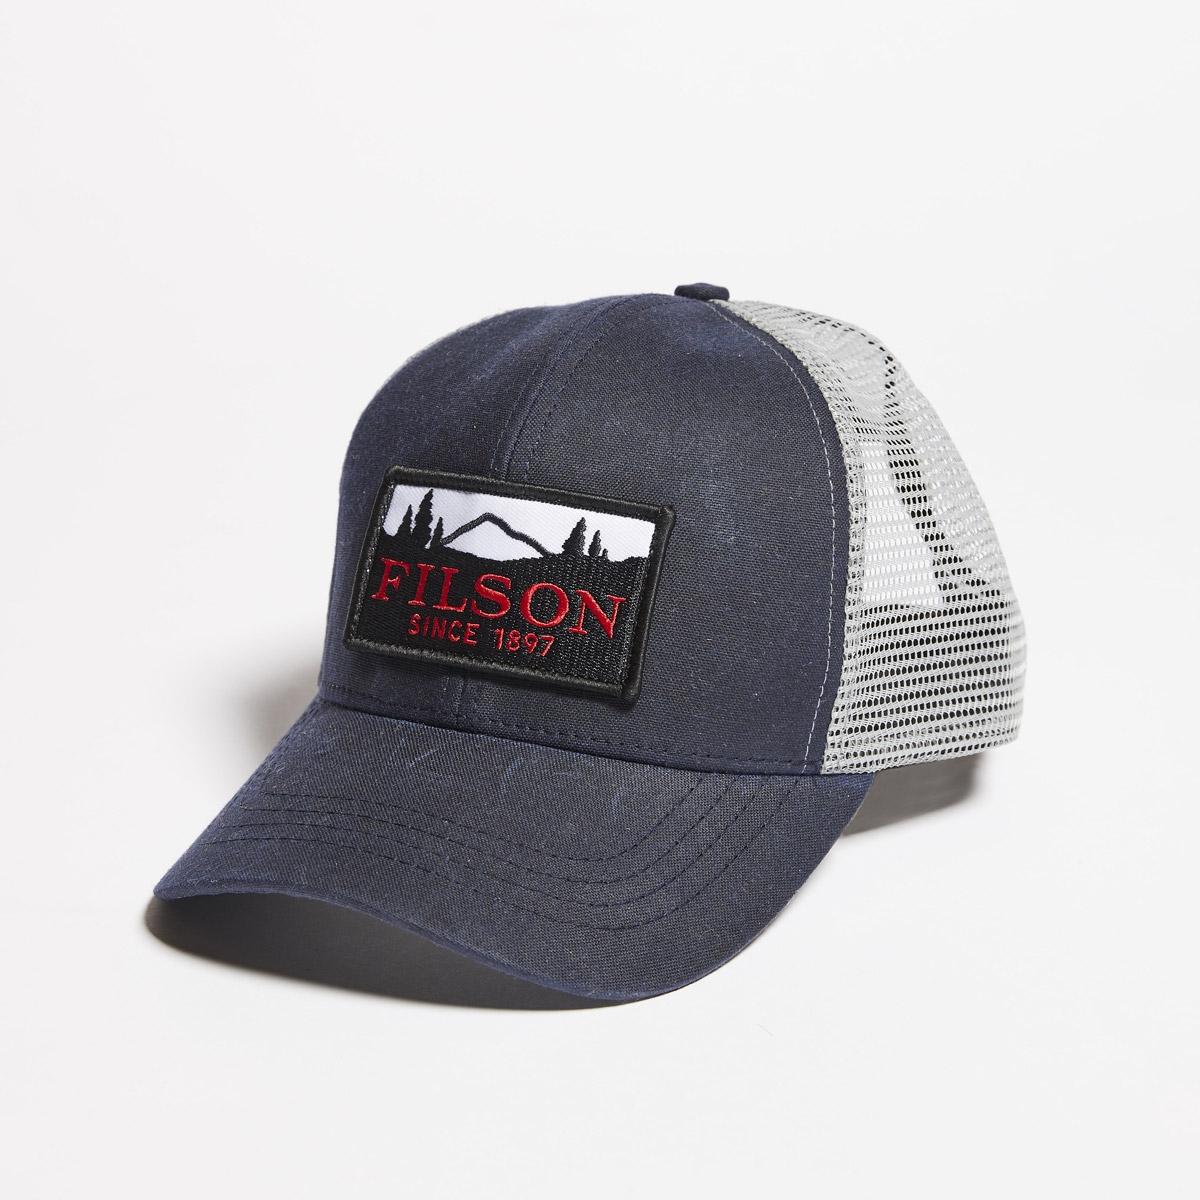 Filson Mesh Logger Cap 20157135-Navy, slijtvaste pet met geborduurd Filson logo patch en mesh-bescherming